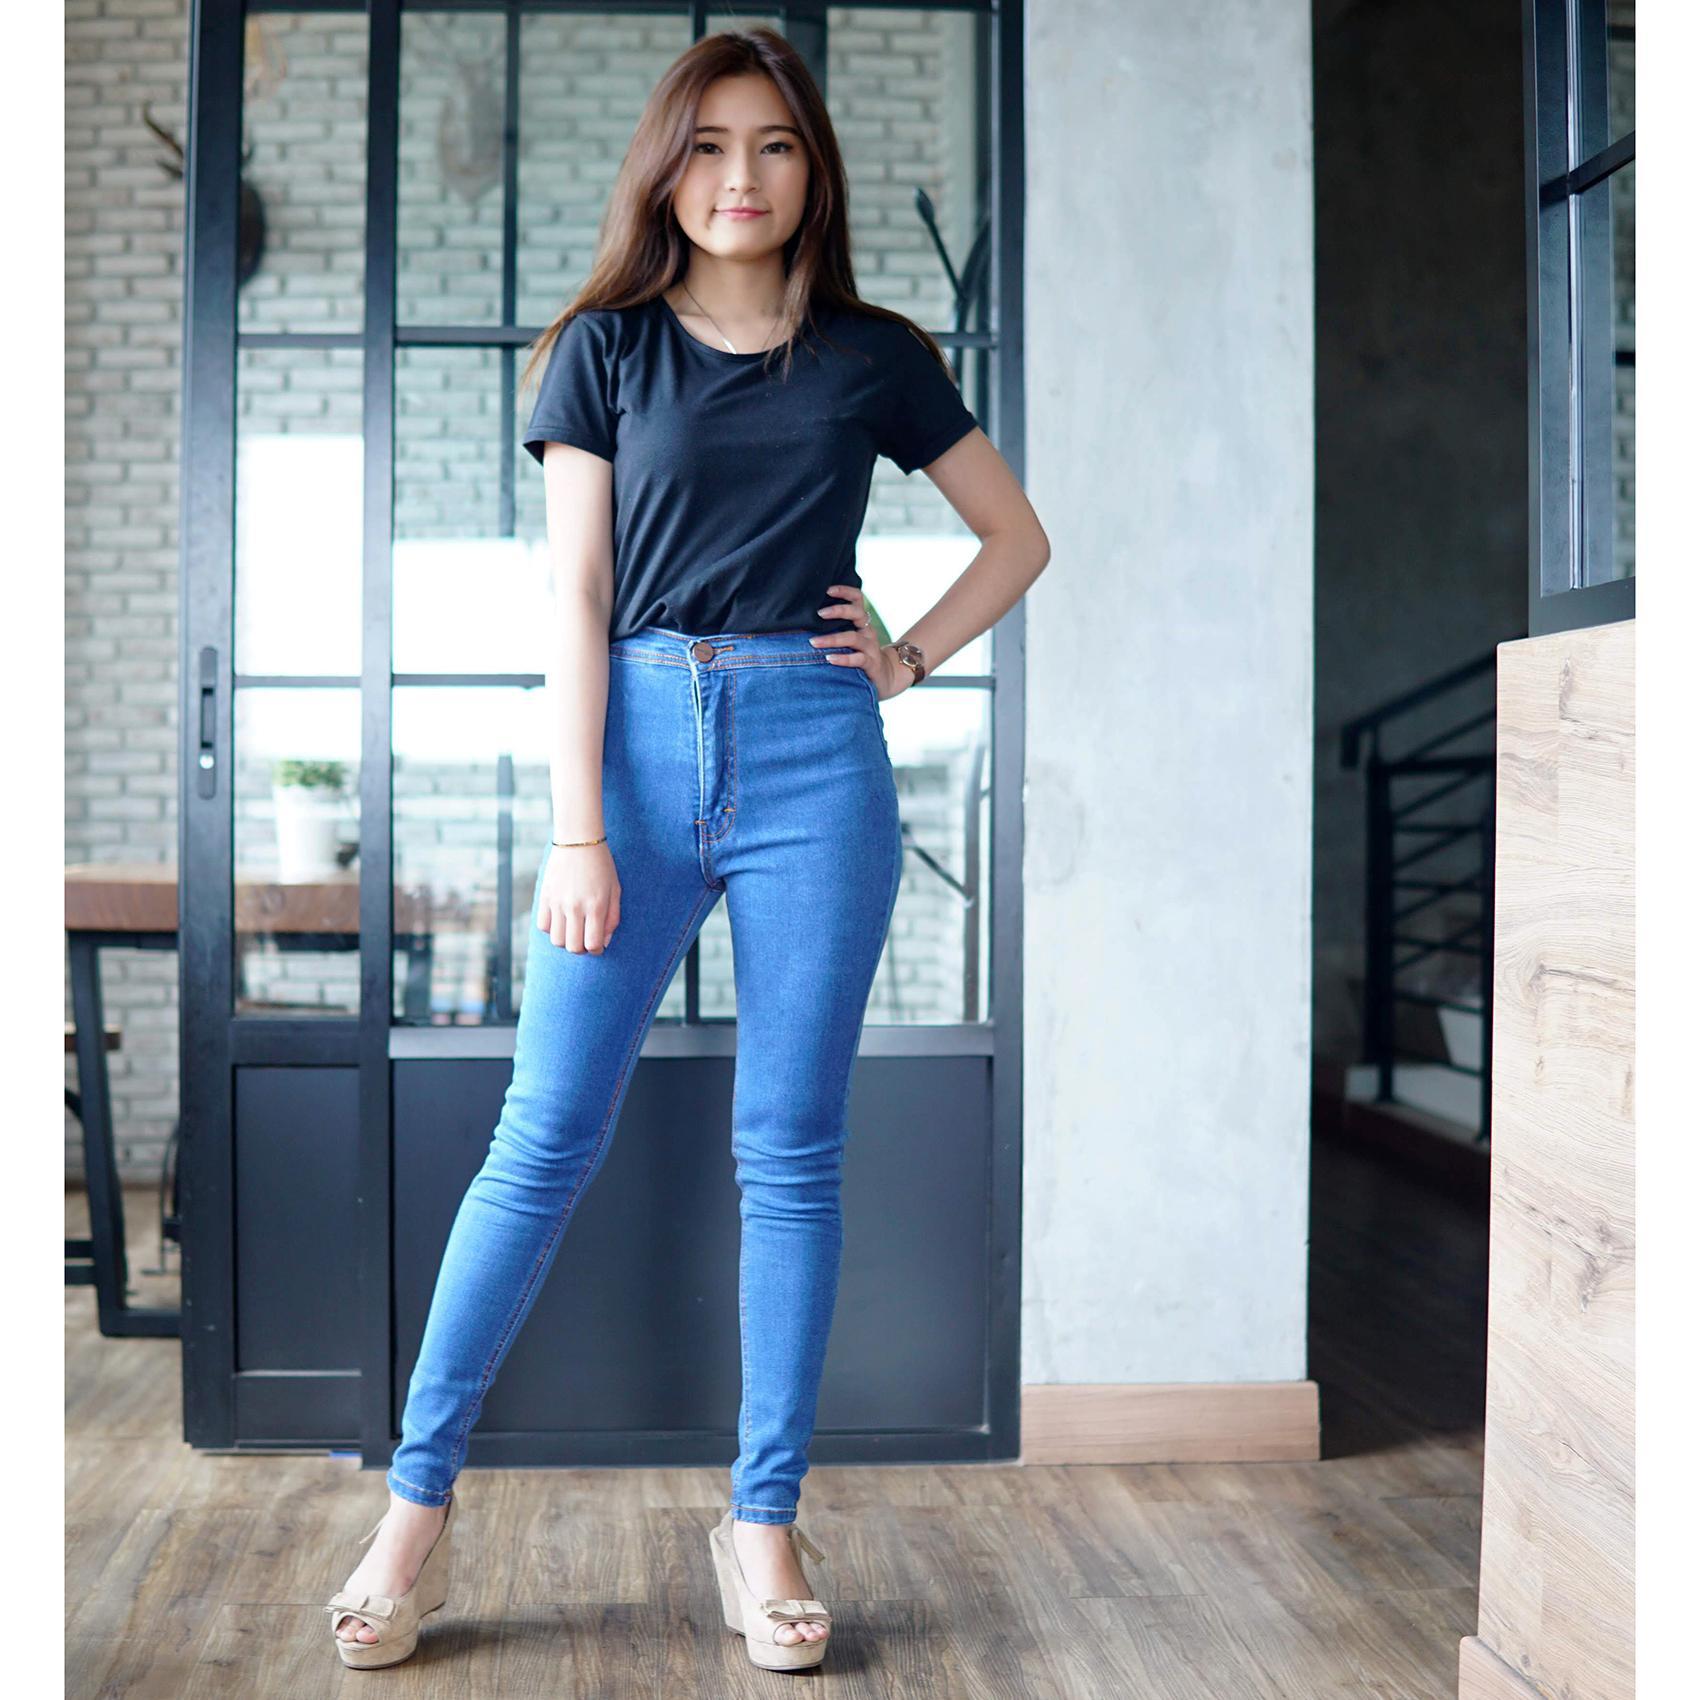 Rumah Jeans / Celana Jeans Highwaist Wanita / Highwaist Ocean Blue / HW Jeans Cewek